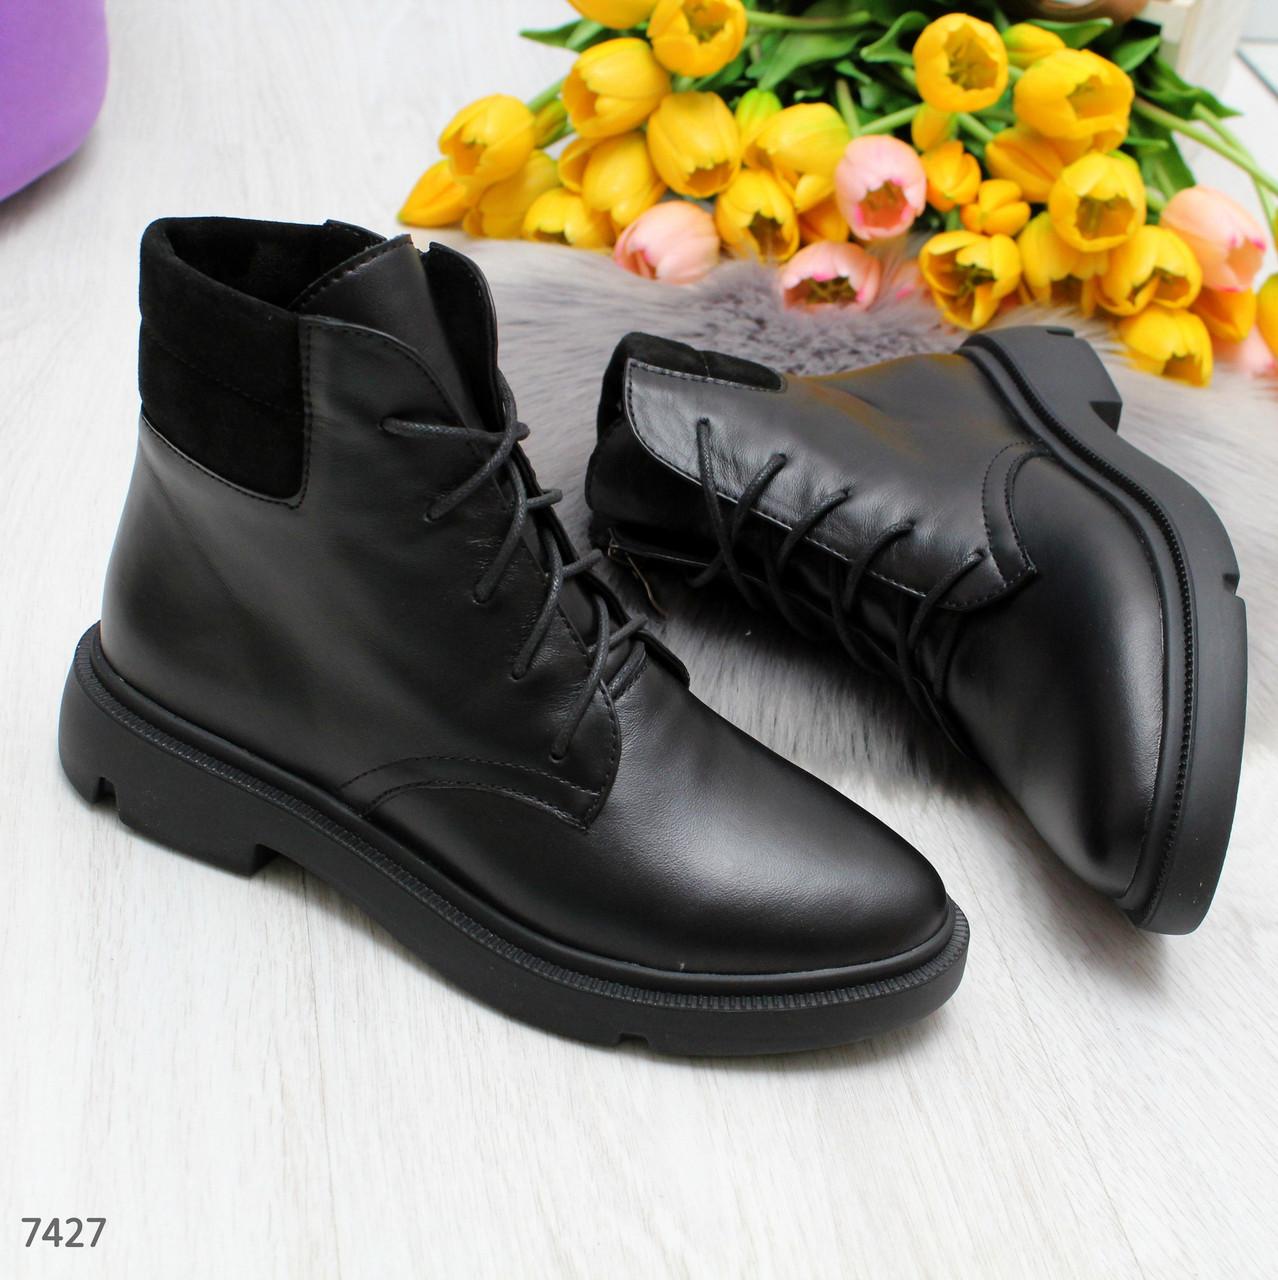 Черные демисезонные женские ботинки из натуральной кожи классического дизайна